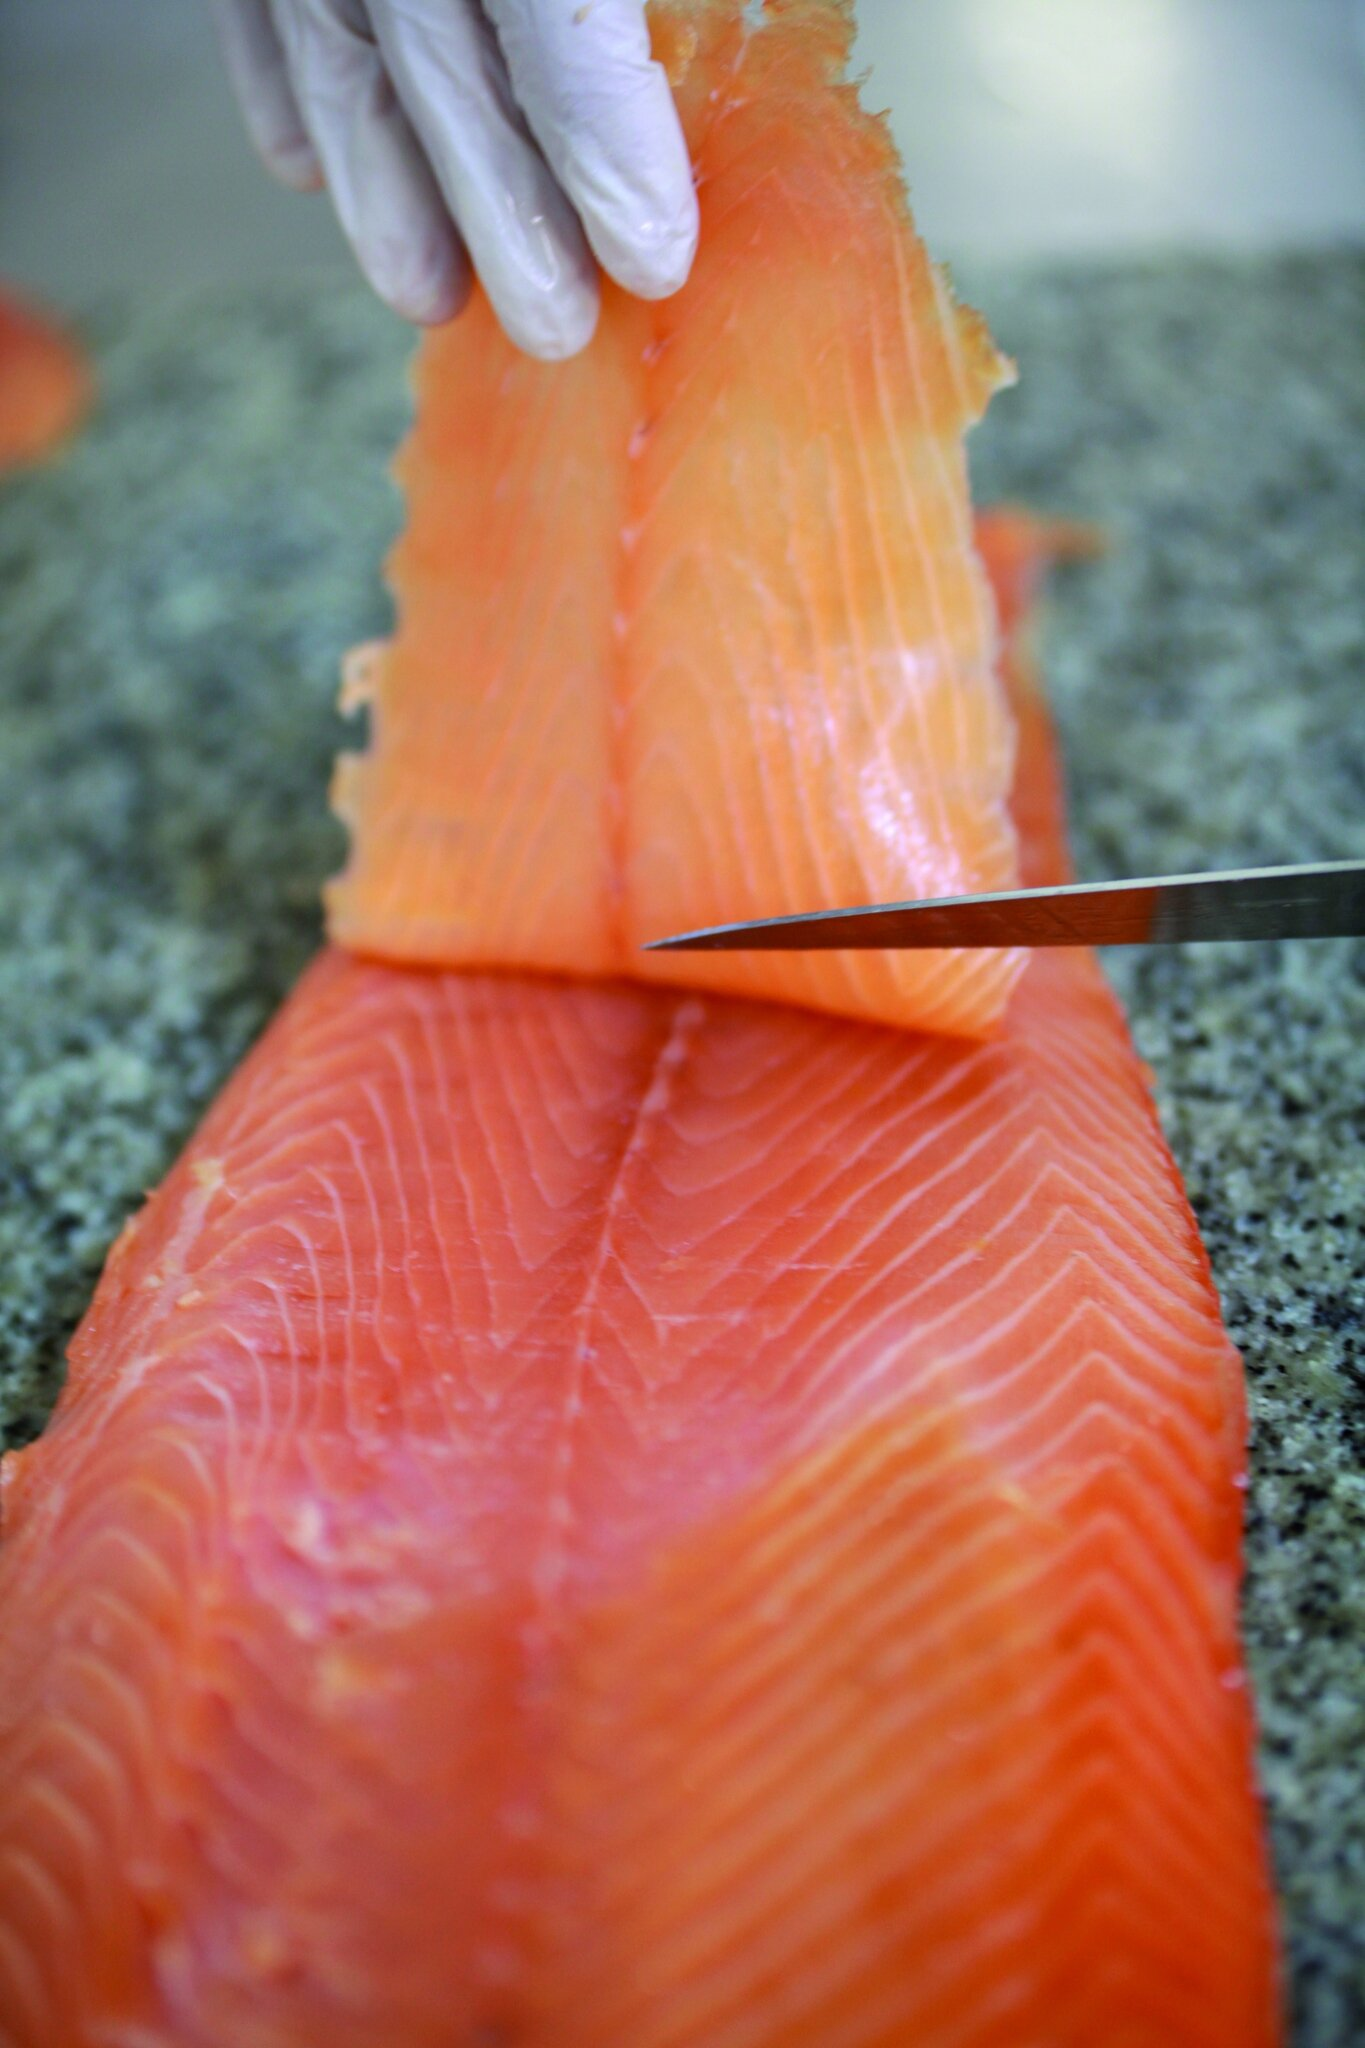 Fum le saumon donne le ton  Magcuisine